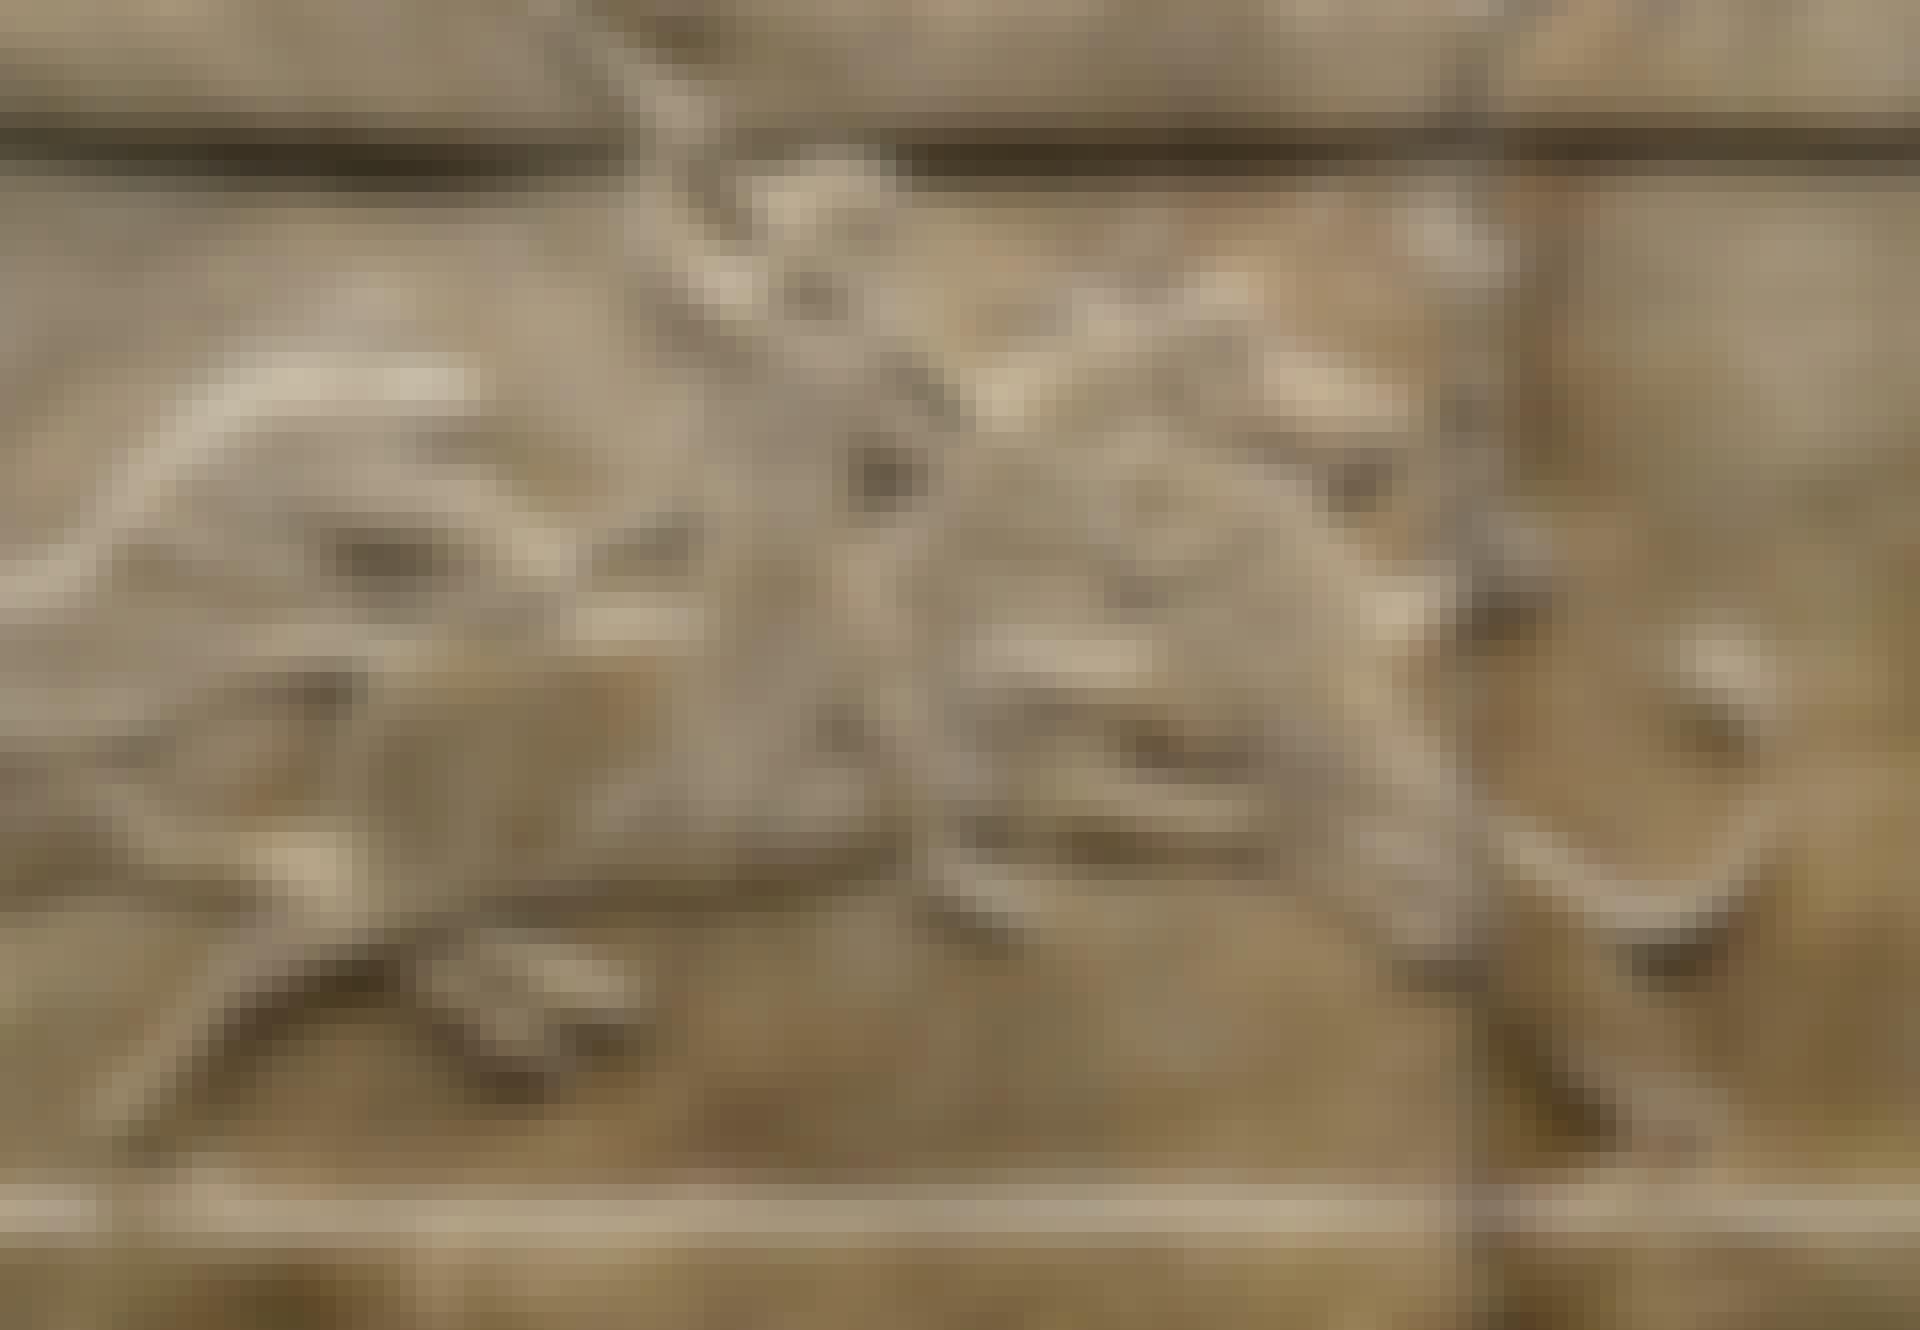 Assyrien klima tørke